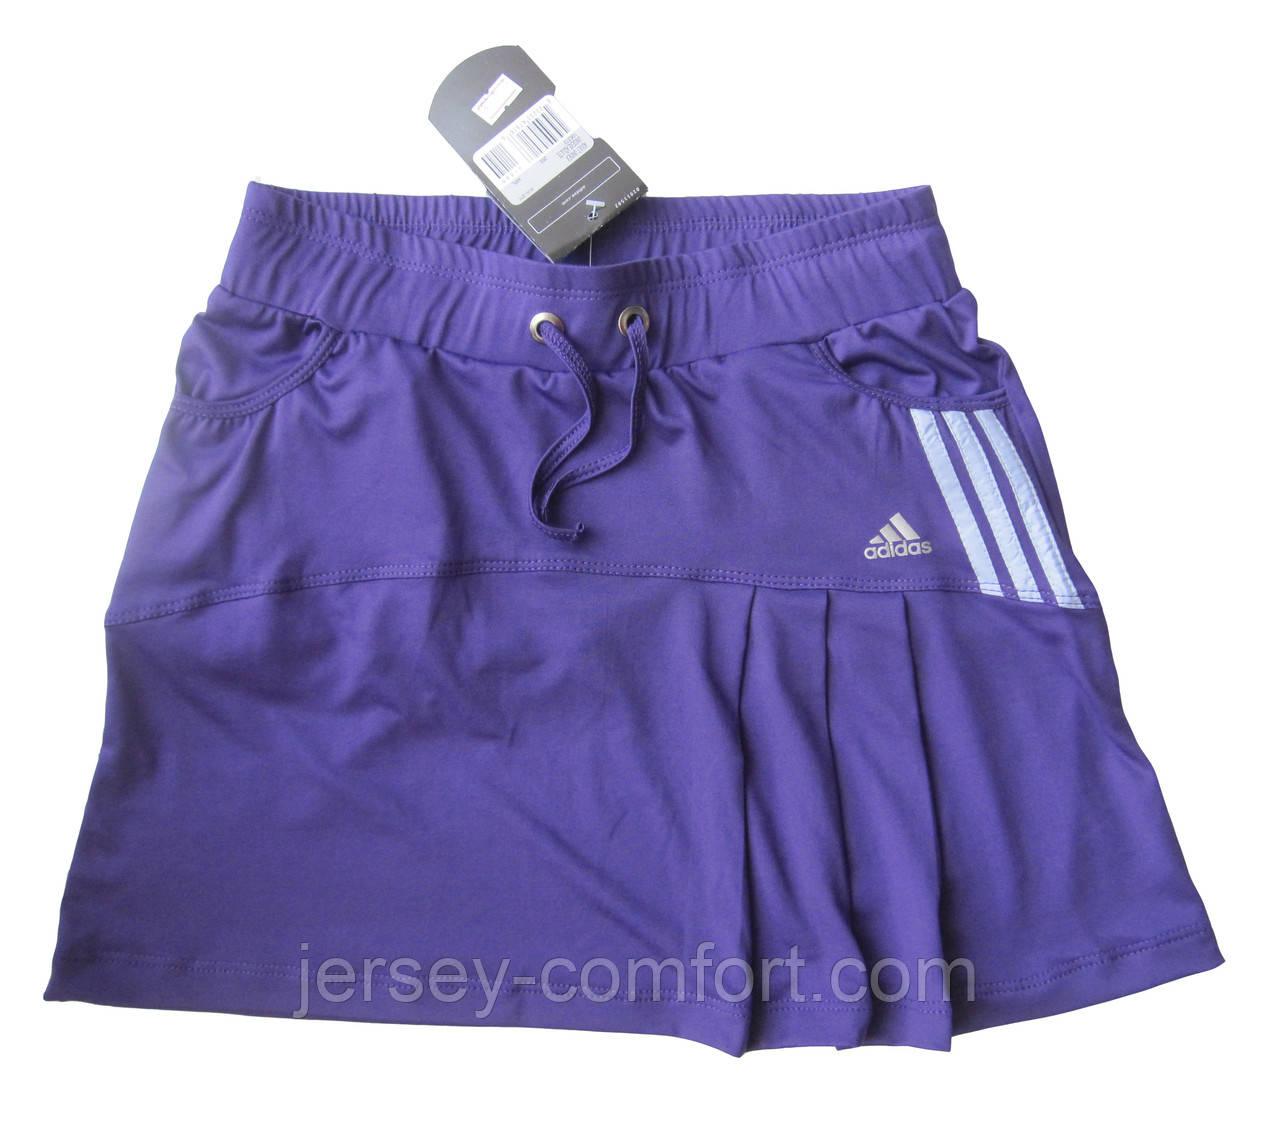 Юбка с шортами для тенниса женская эластан.Юбка -шорты..Фиолетовая. Мод. 4032.